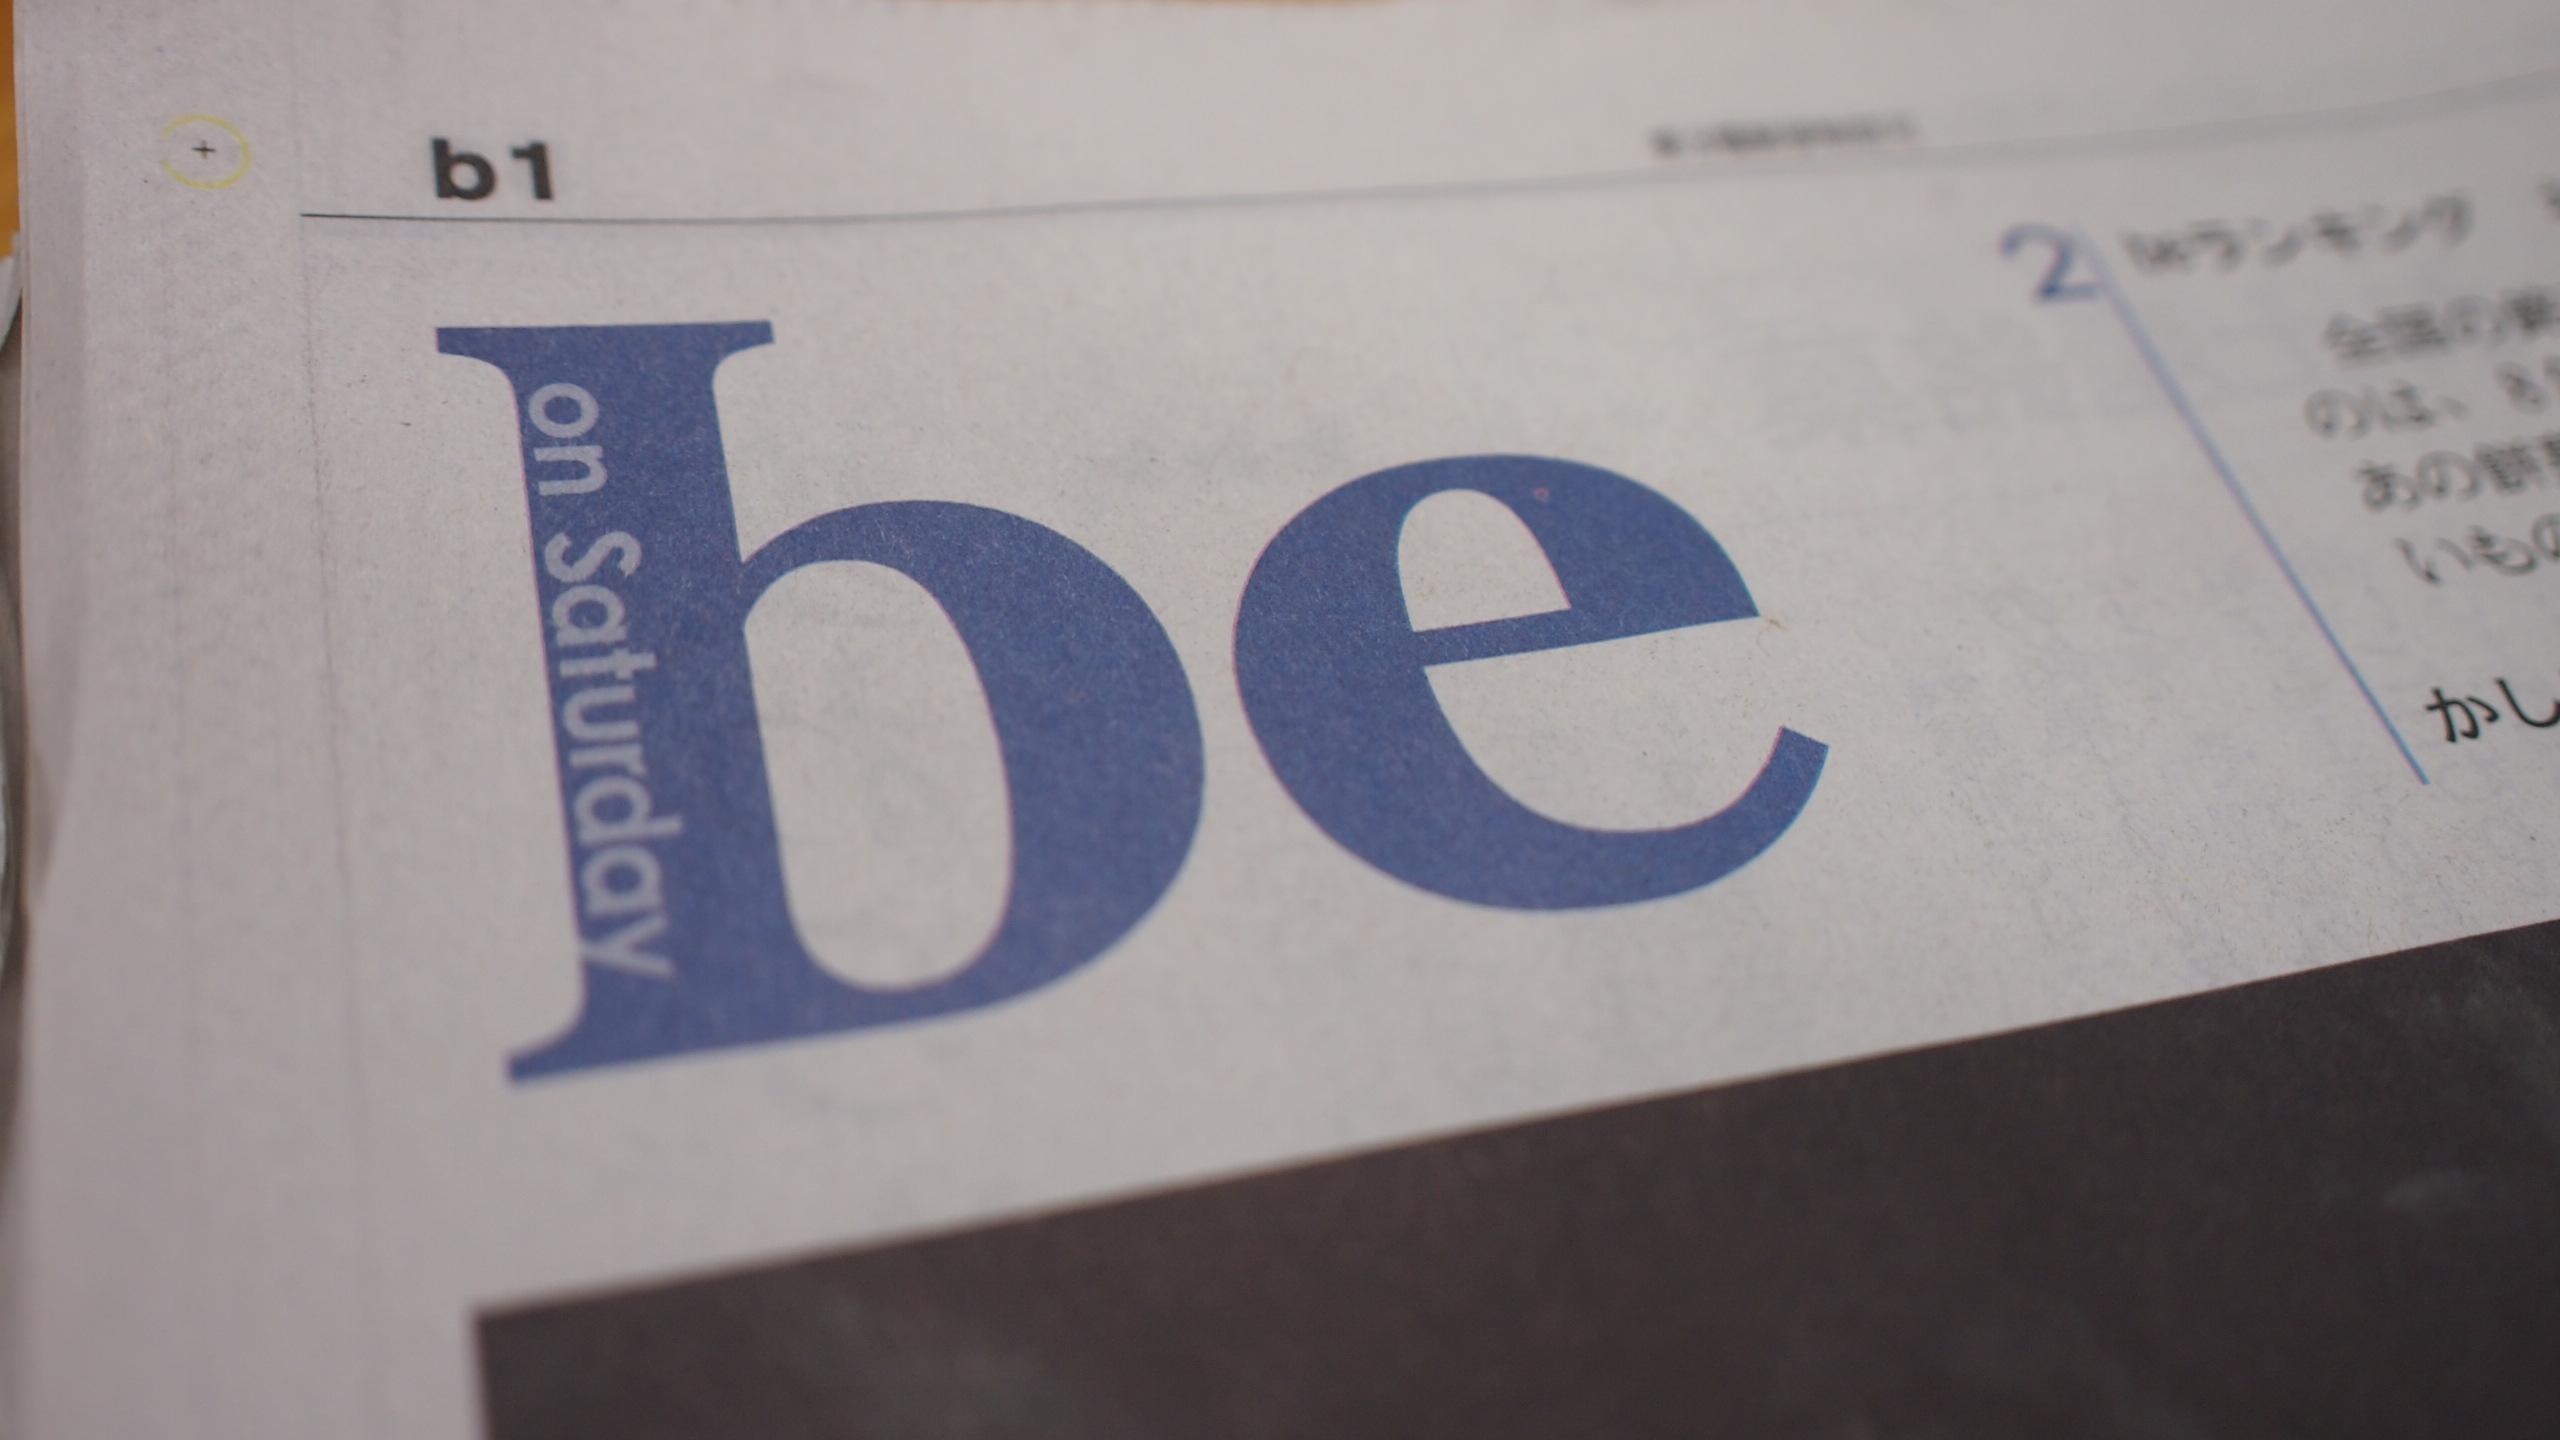 朝日新聞|土曜日版Be 2013年6月6日掲載